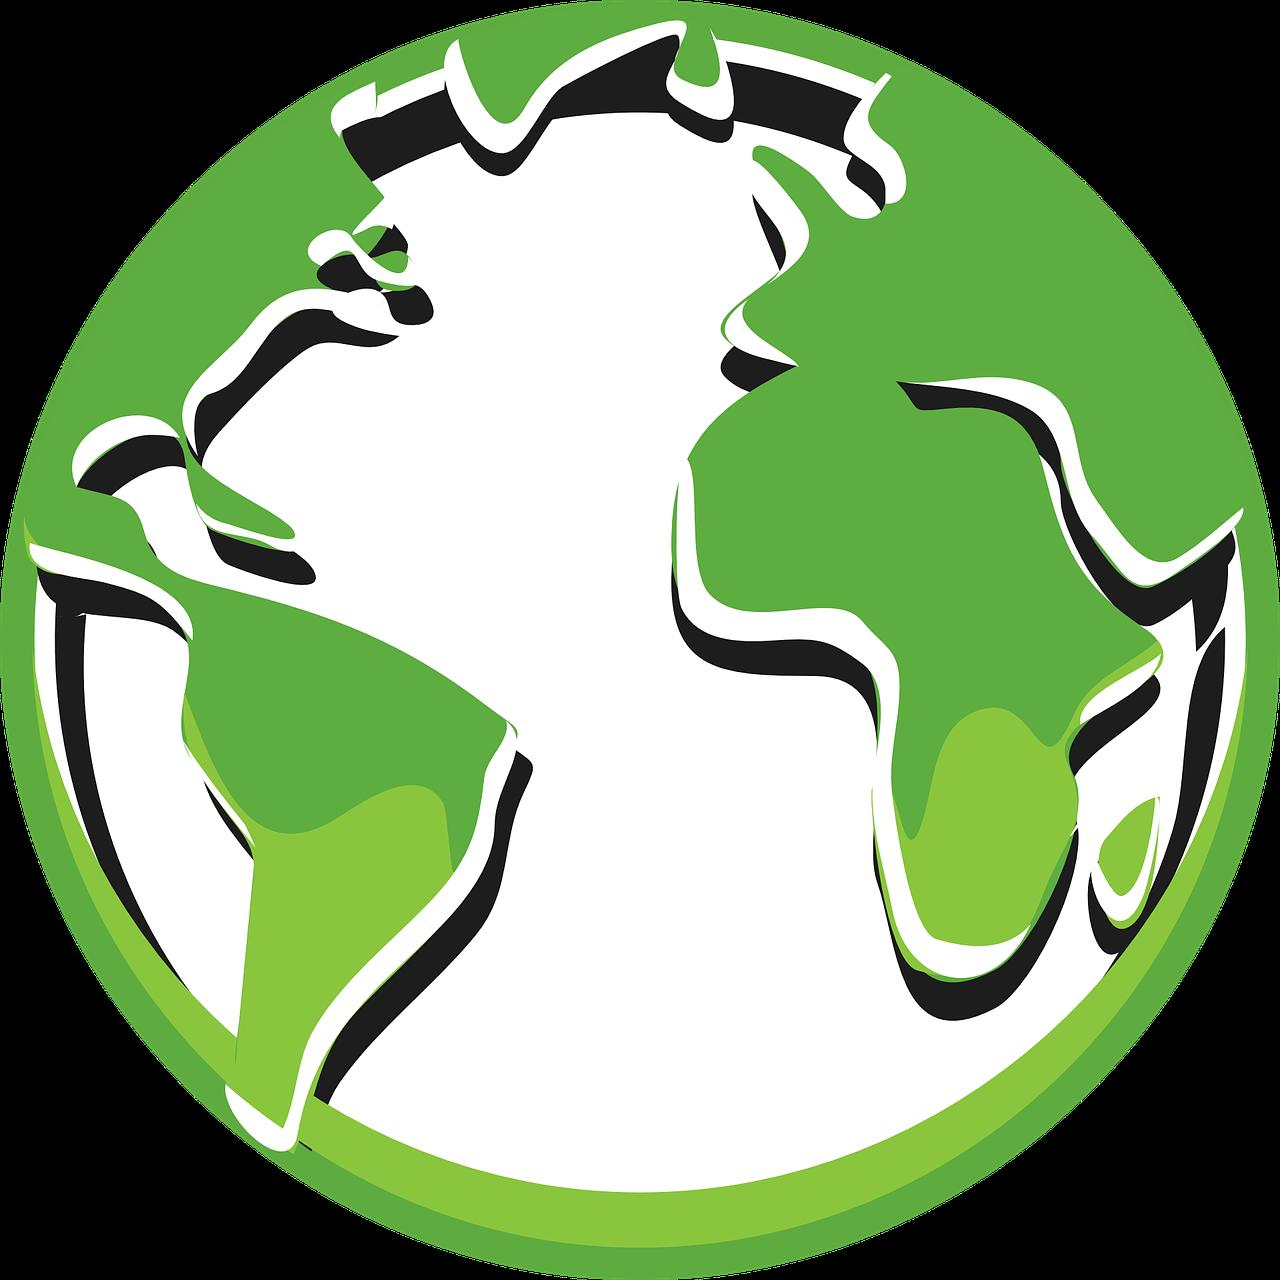 Immagine Noi e la sostenibilità